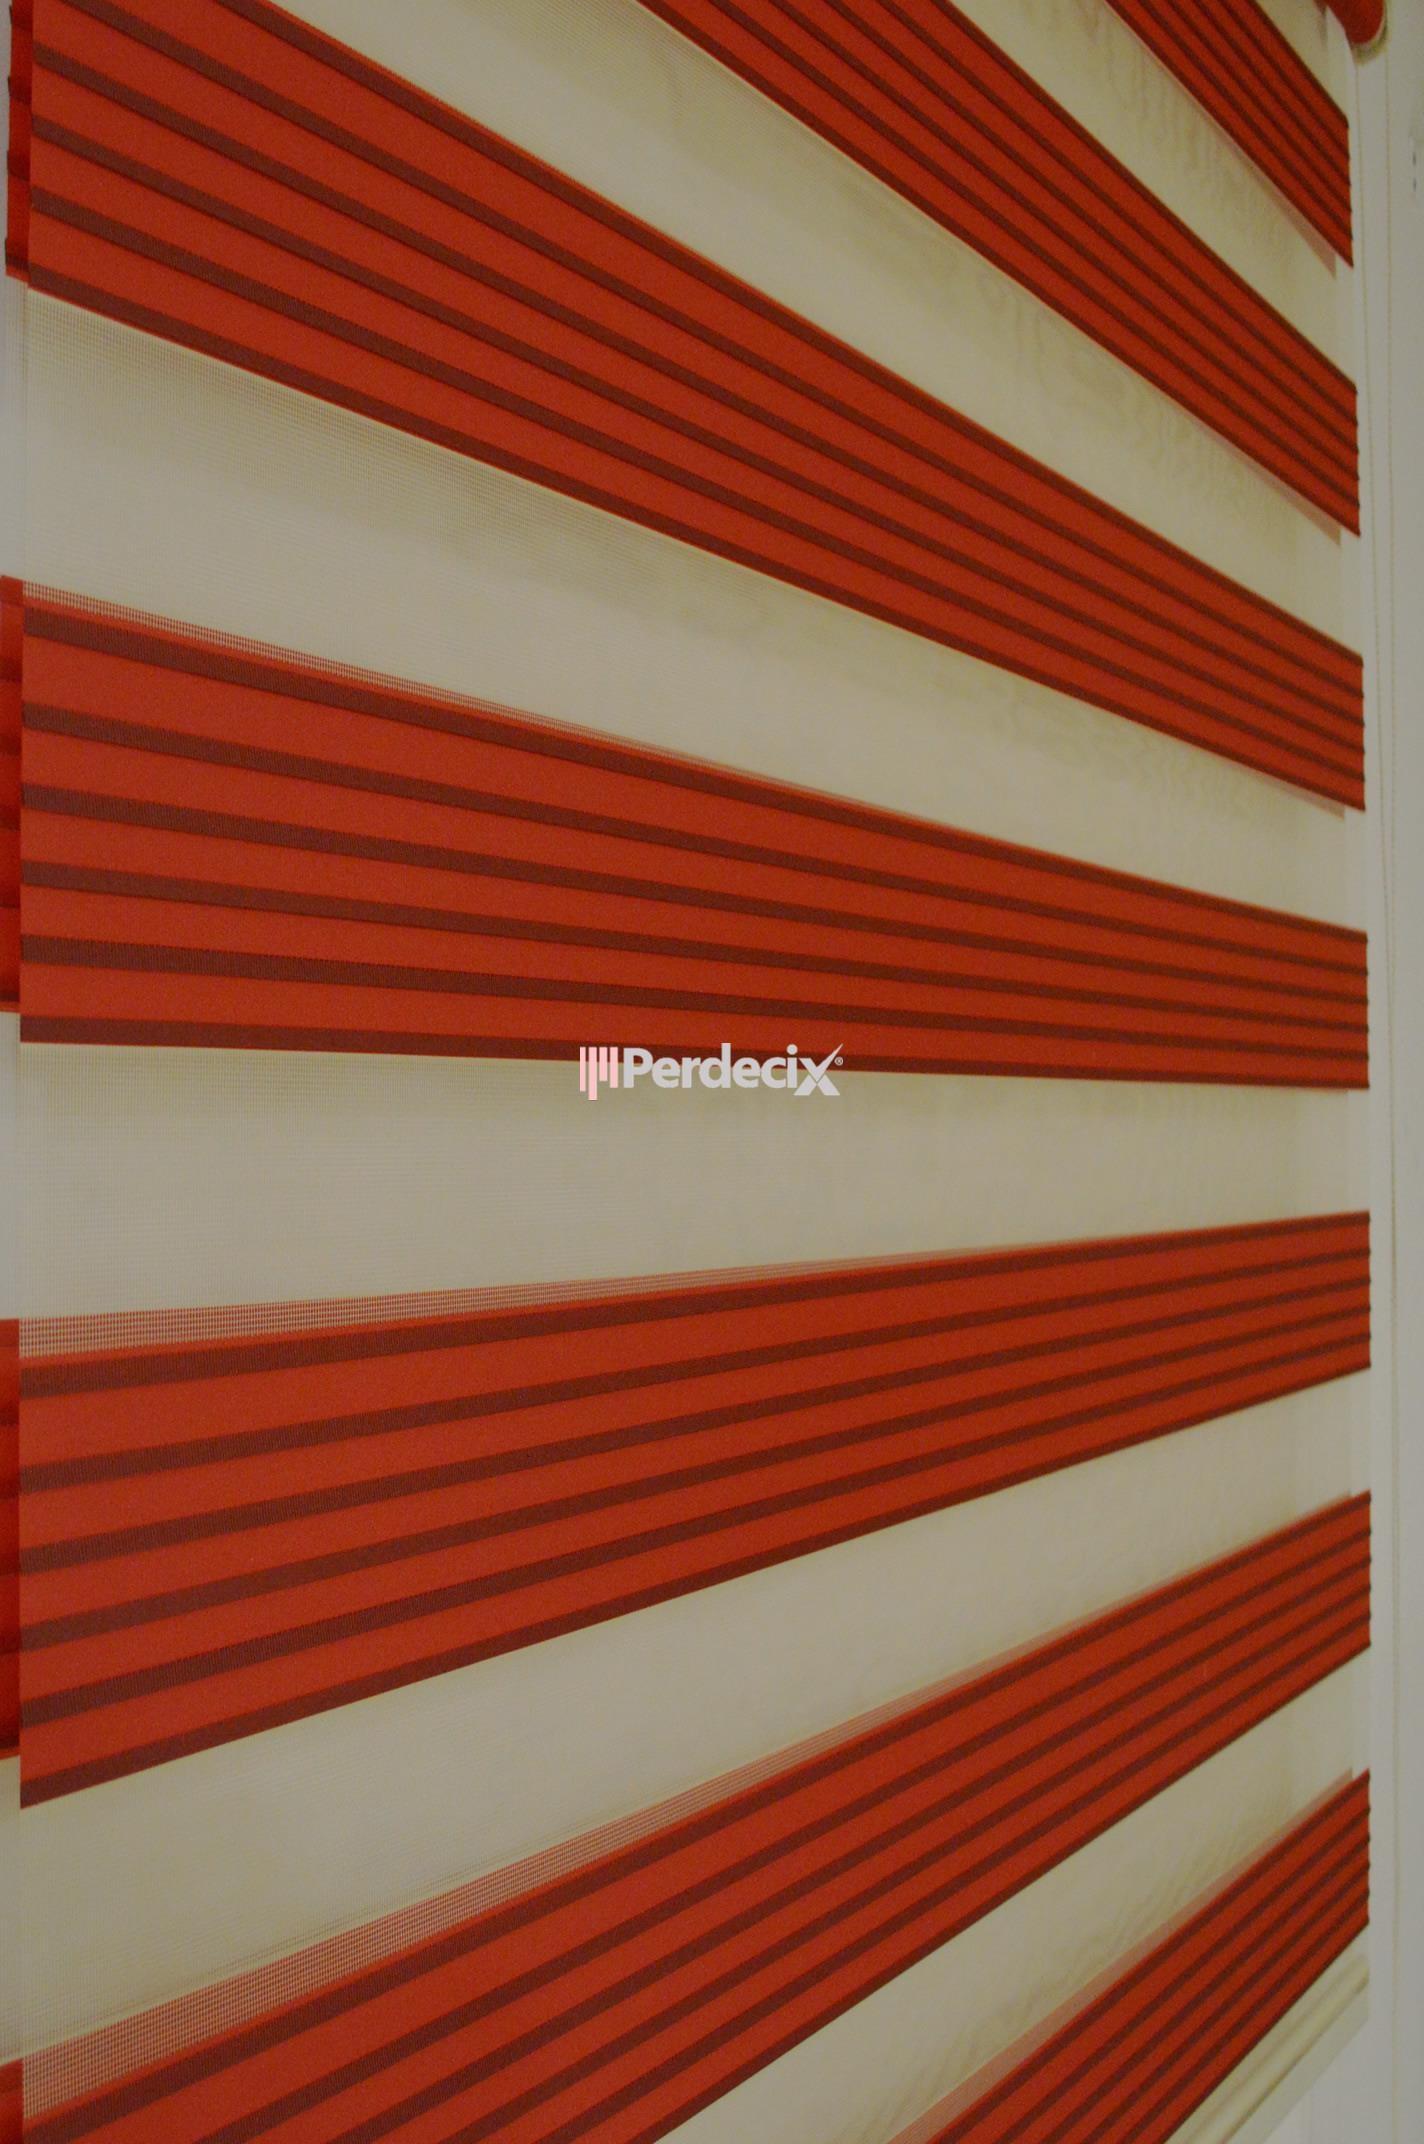 Perdecix  Plisel Hazır Zebra Perde - Kırmızı